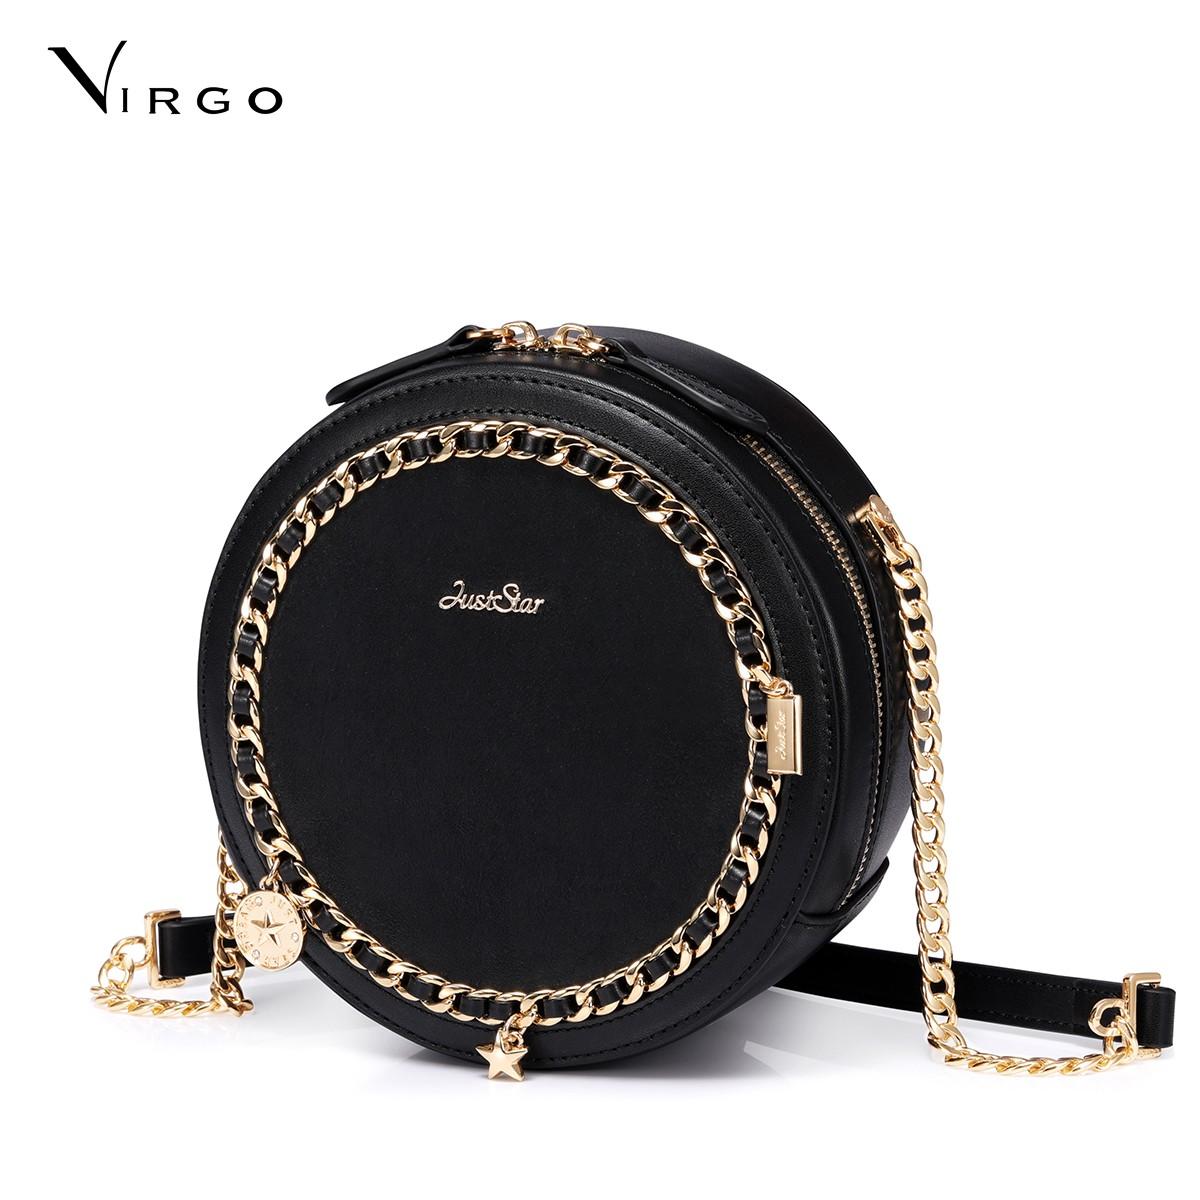 Túi nữ dáng tròn Just Star Virgo VG513